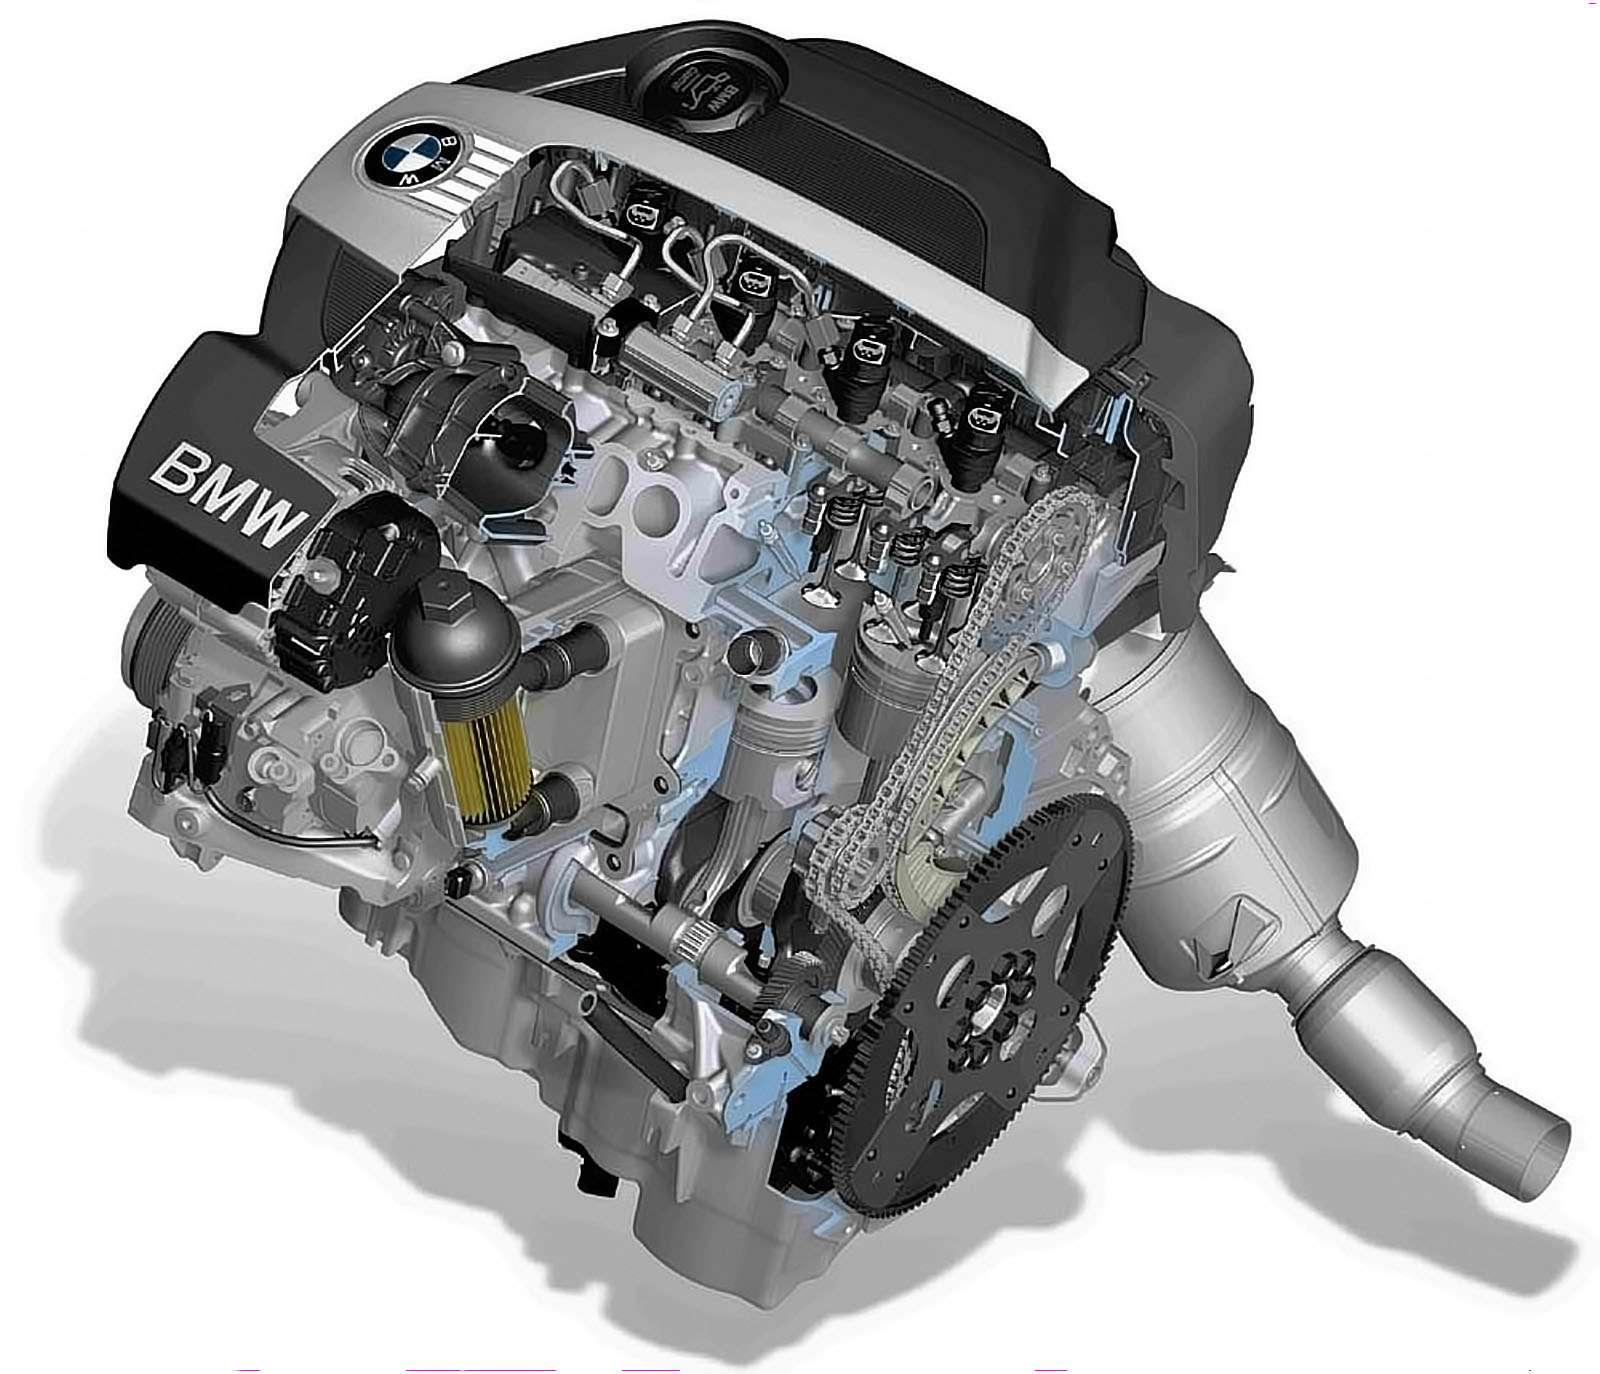 Вторичный рынок: изучаем слабые места BMW 5-й серии— фото 600193